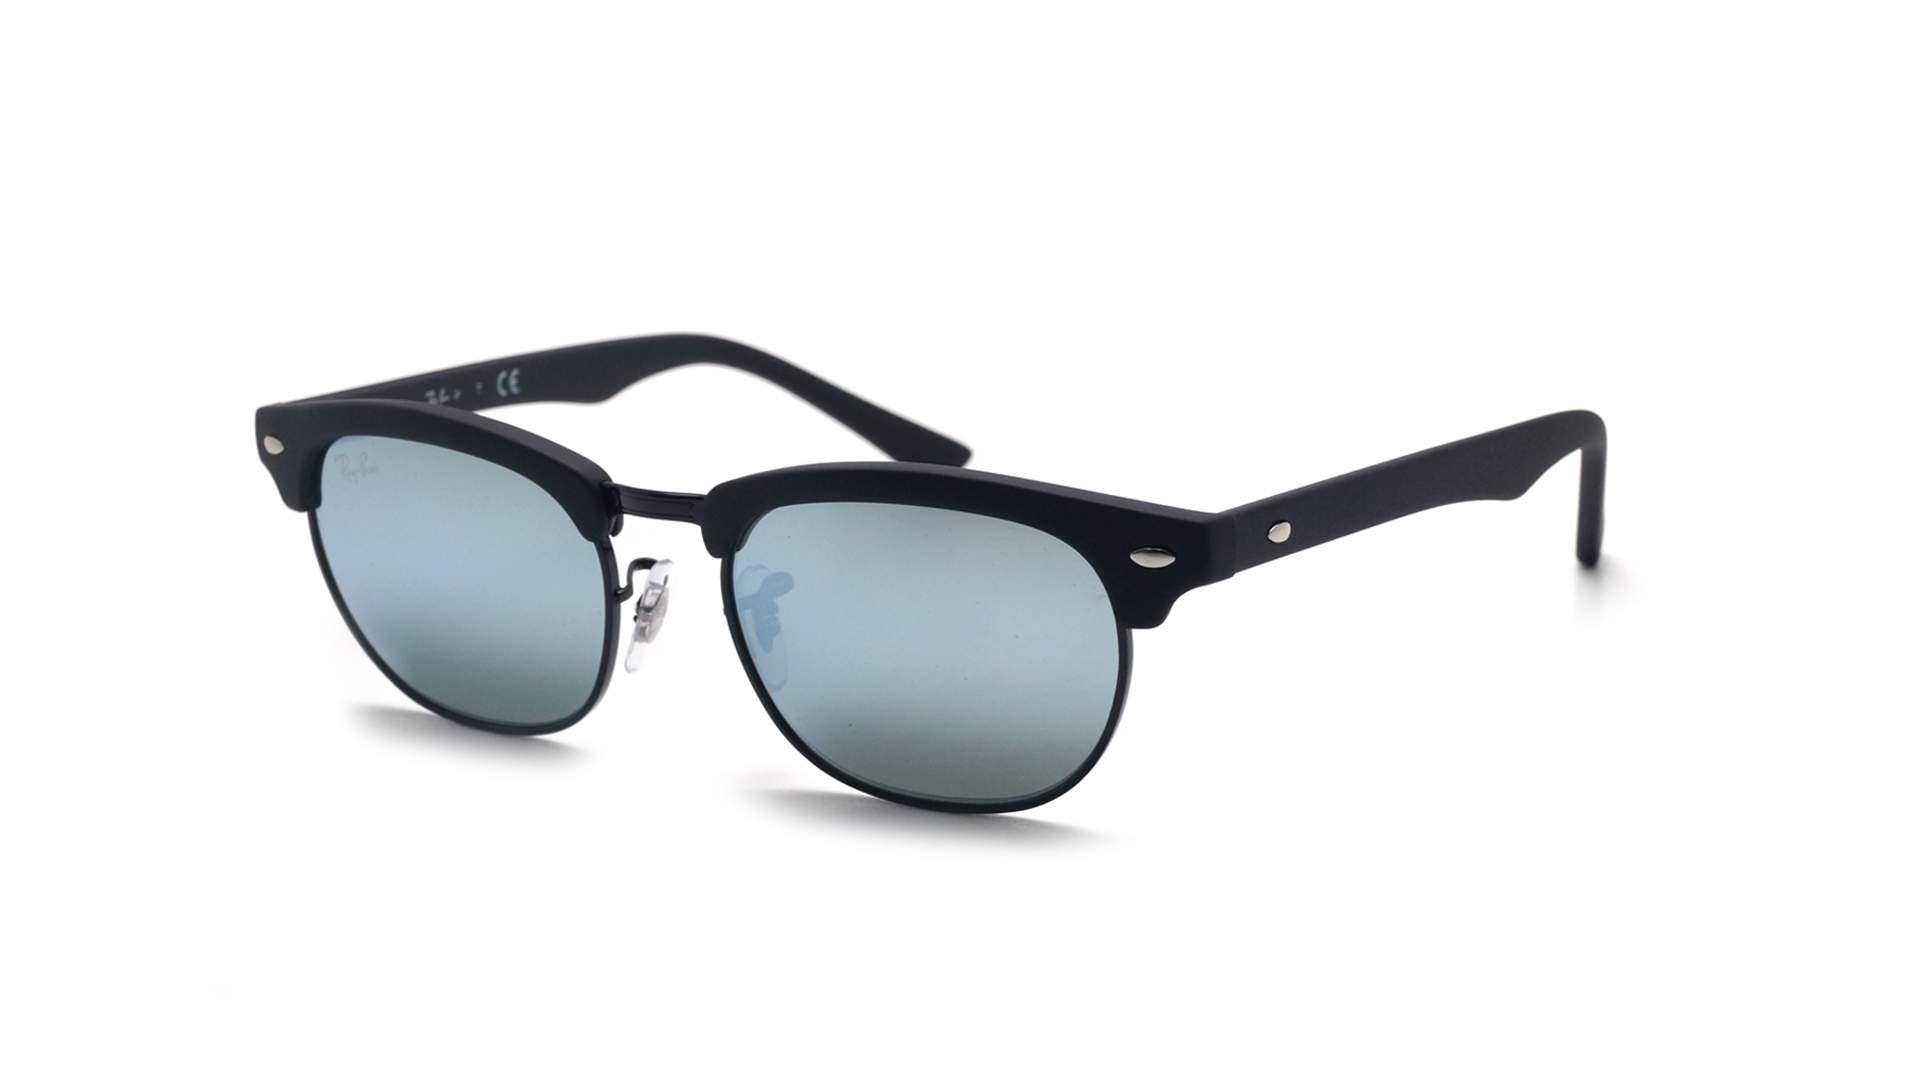 fad14842773f3 Sunglasses Ray-Ban Clubmaster Black Matte RJ9050S 100S 30 47-16 Junior  Mirror